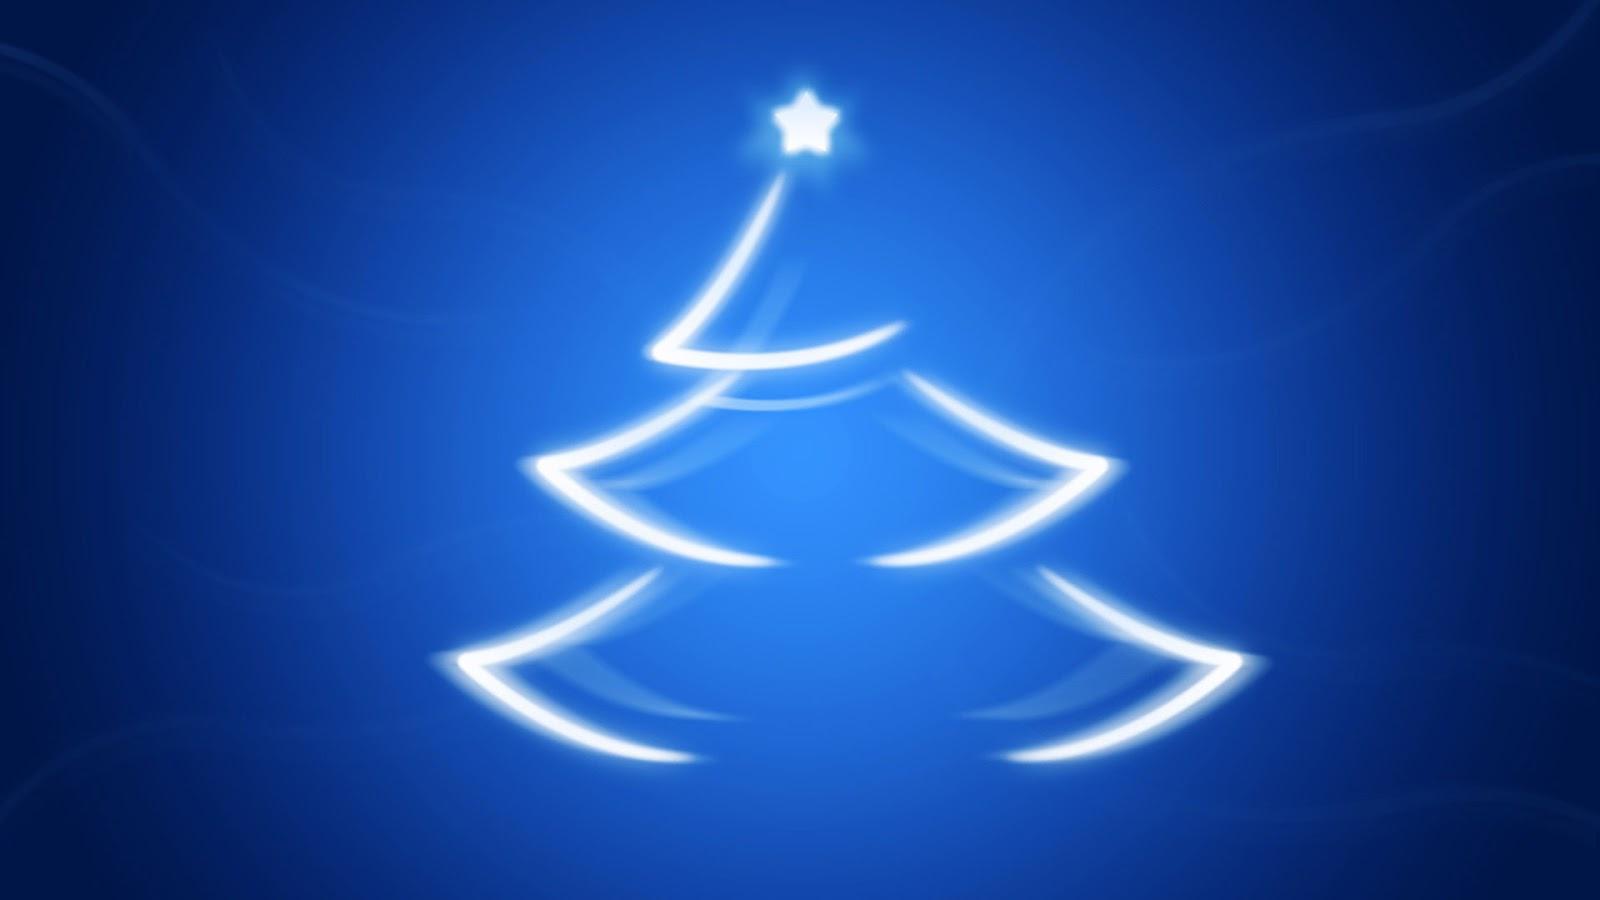 http://1.bp.blogspot.com/-fTMJEVuDSnQ/USXS-wS3-gI/AAAAAAAAVPU/cVTtLhxRihI/s1600/christmas-tree-desktop-&-mac-wallpaper.jpg